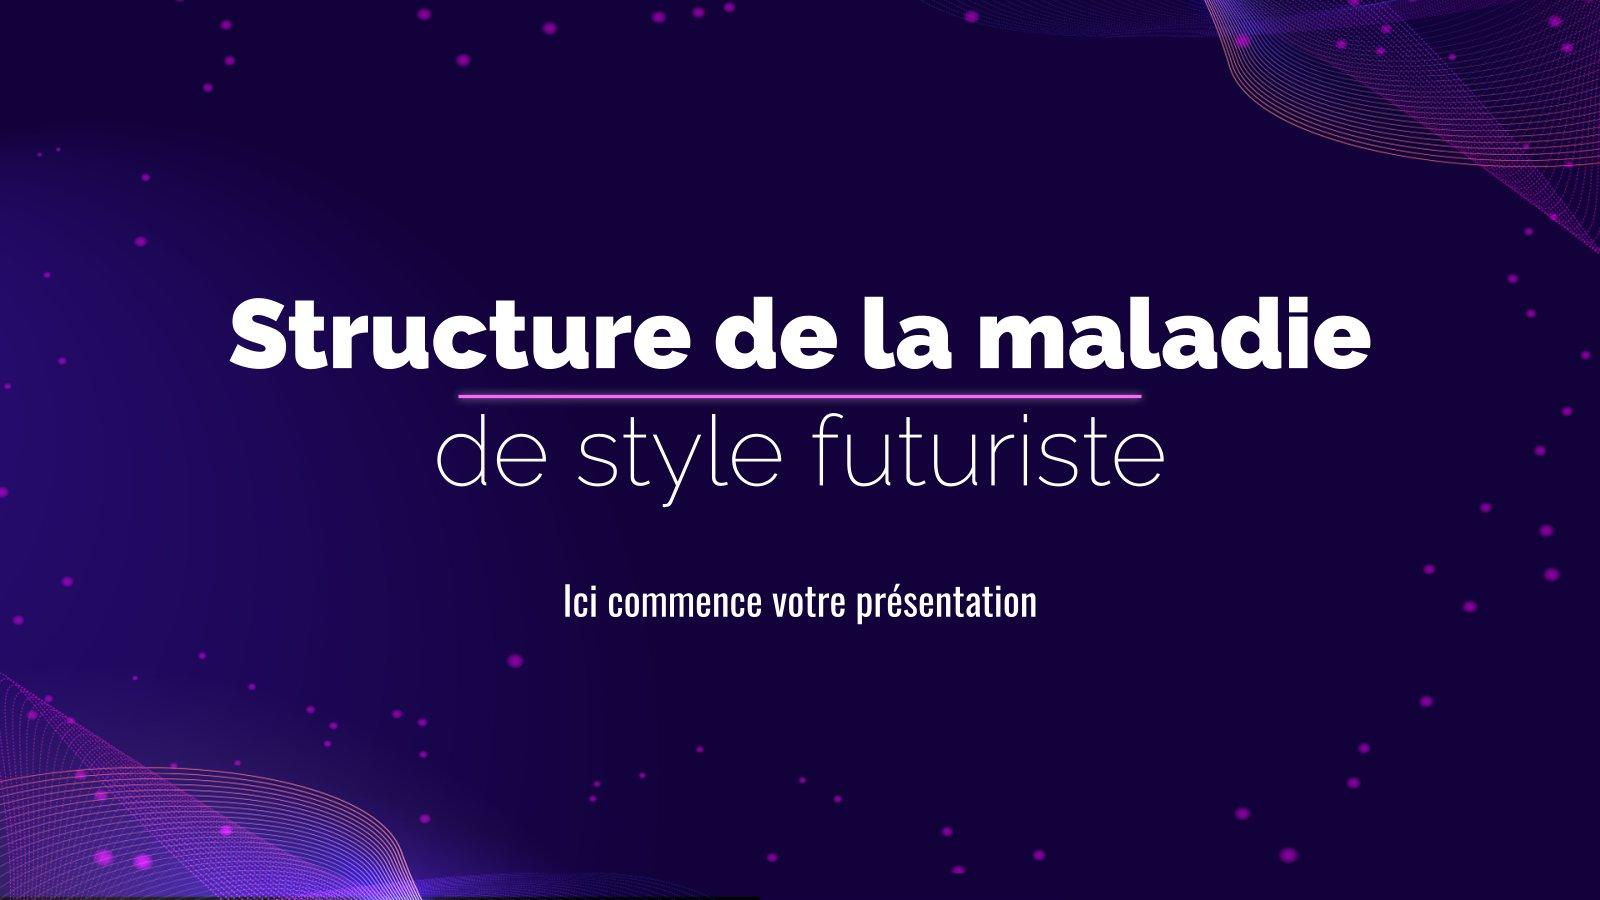 Structure de la maladie de style futuriste : Modèles de présentation